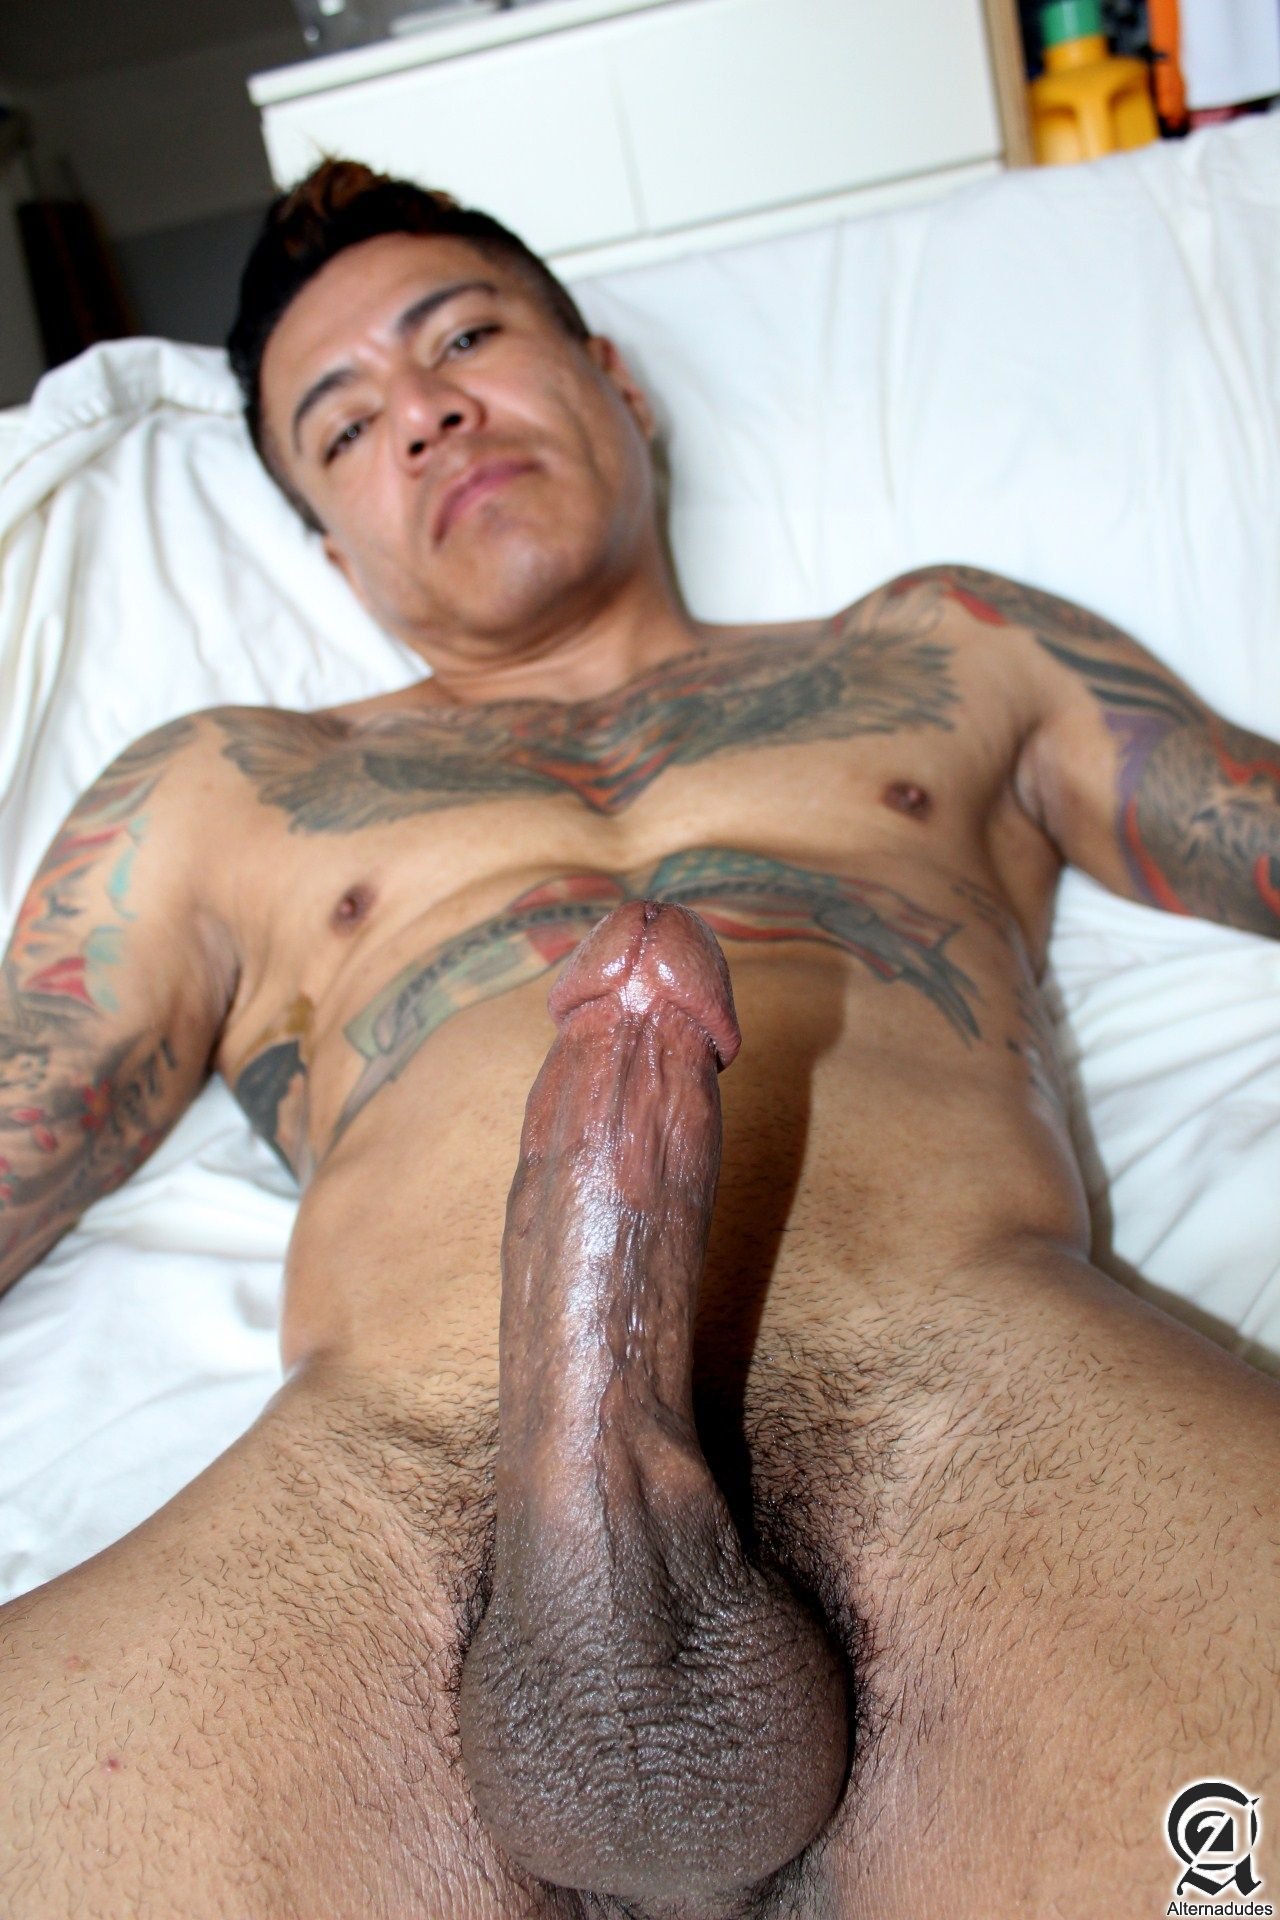 Big Dicks Gay Porn Porn Cock Category Gay Mexican Amateur Daddy ...